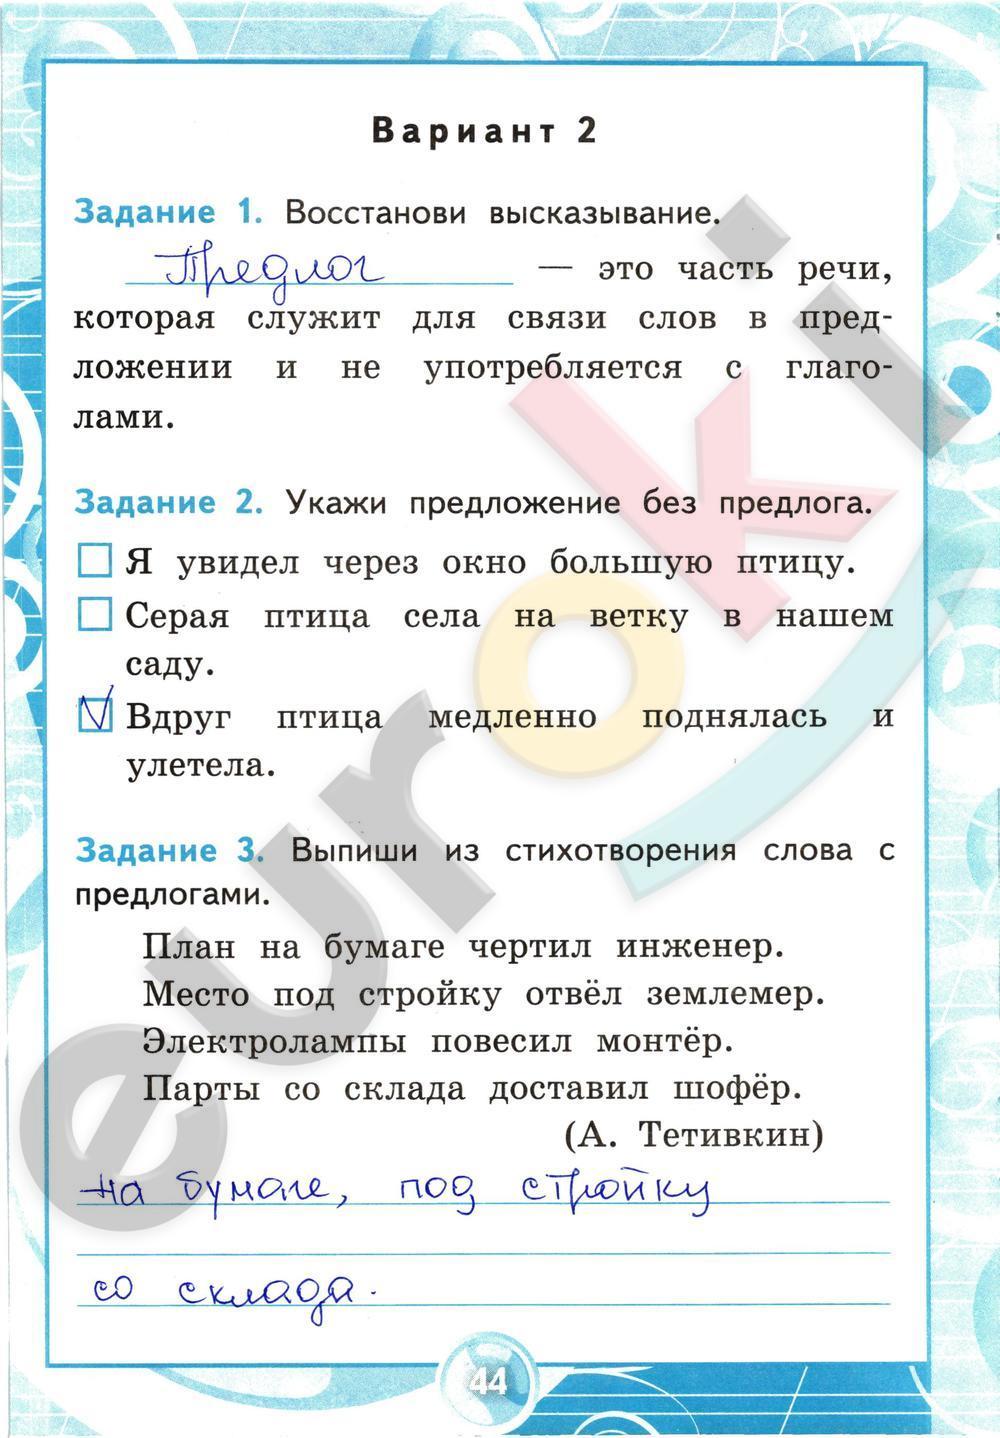 По крылова языку гдз часть класс 2 работам контрольным русскому 1 к